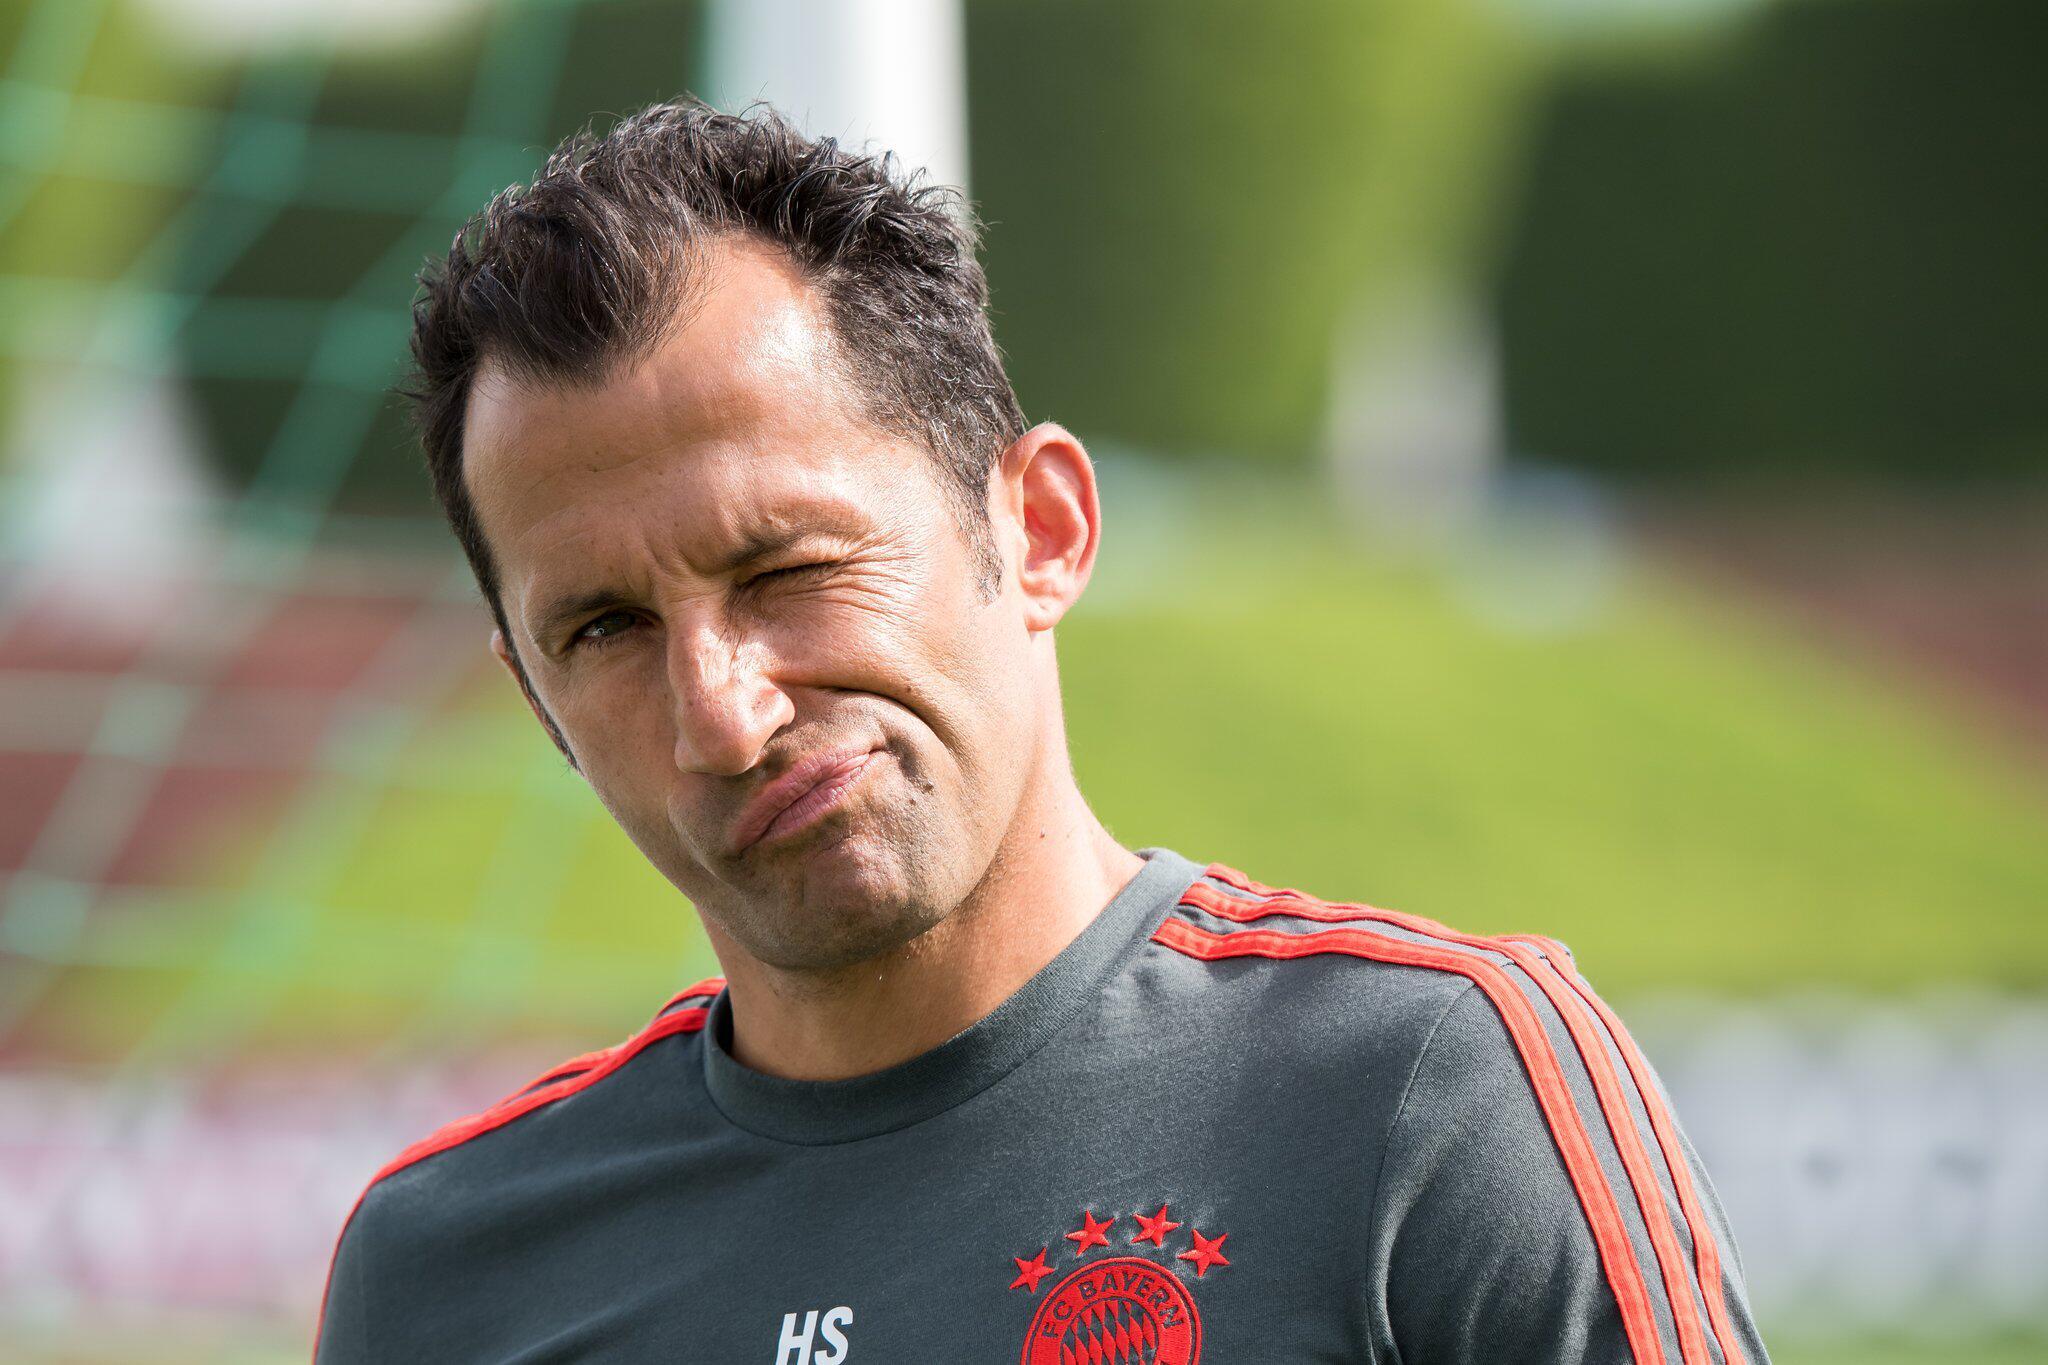 Bild zu Hasan Salihamidzic, FC Bayern München, Trainingslager, Doha, Katar